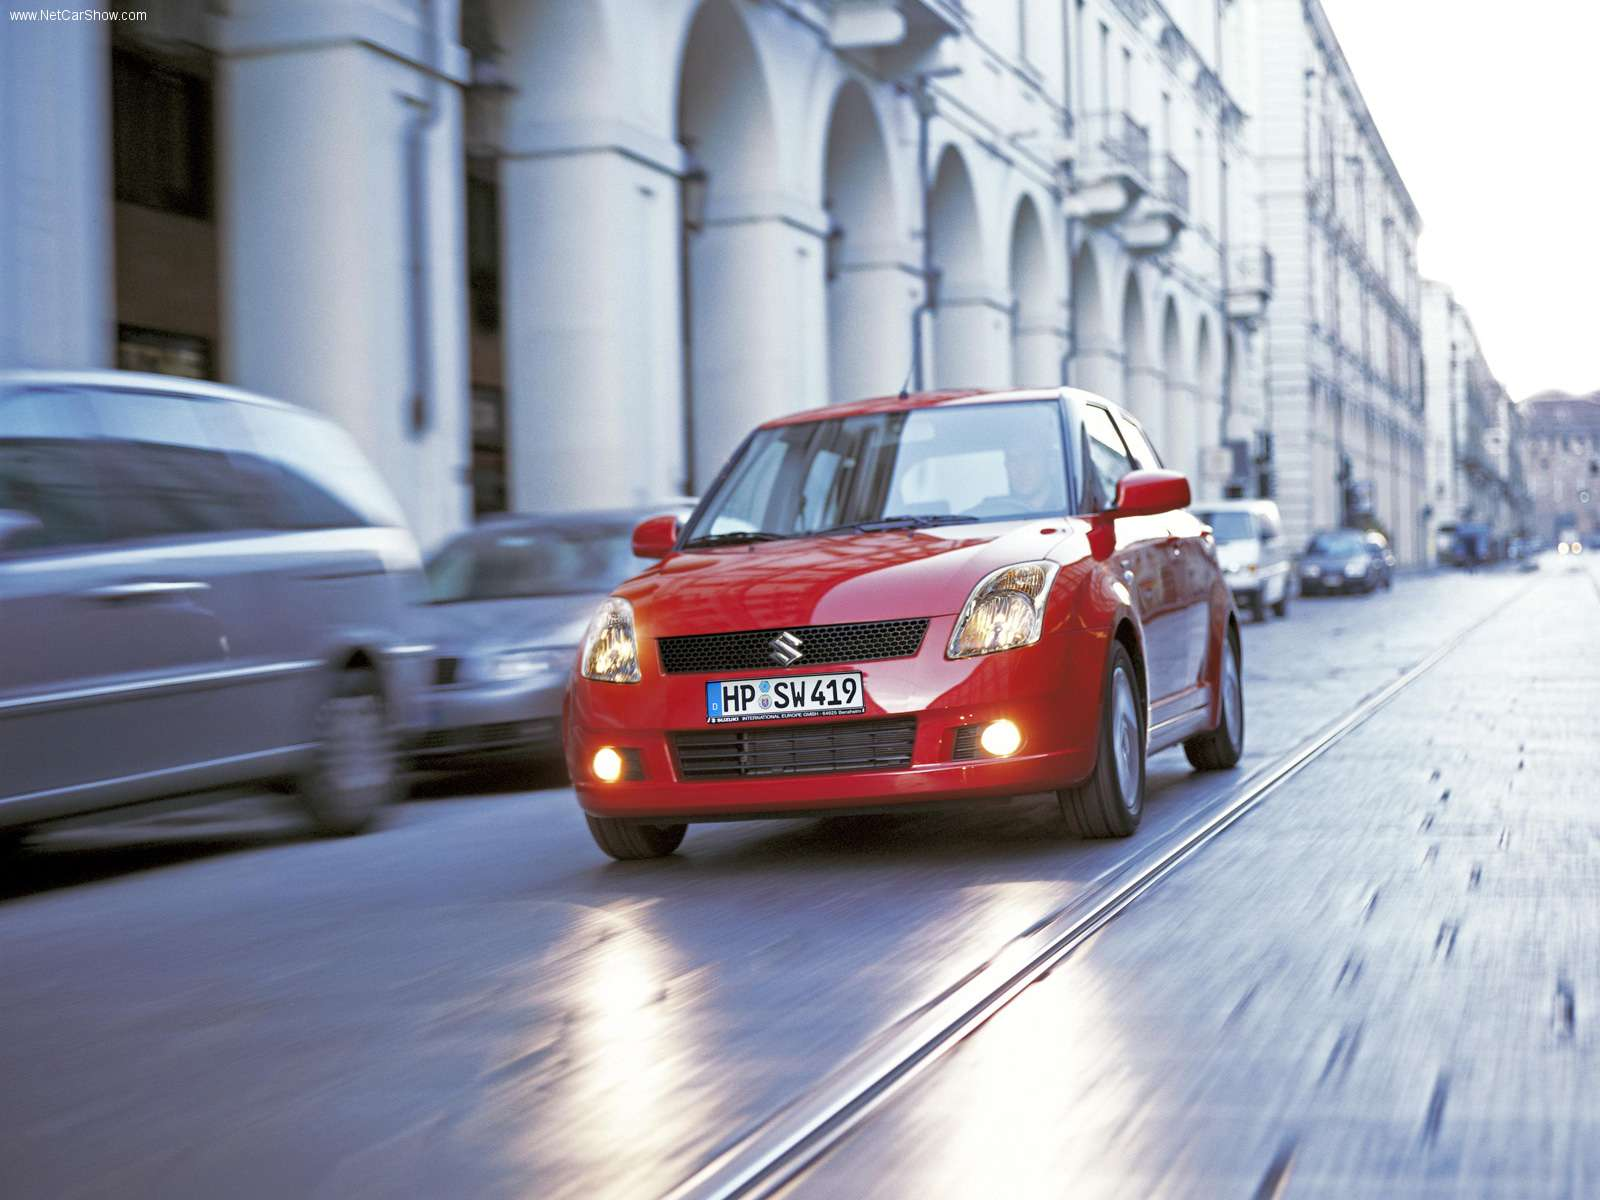 Hình ảnh xe ô tô Suzuki Swift 2005 & nội ngoại thất